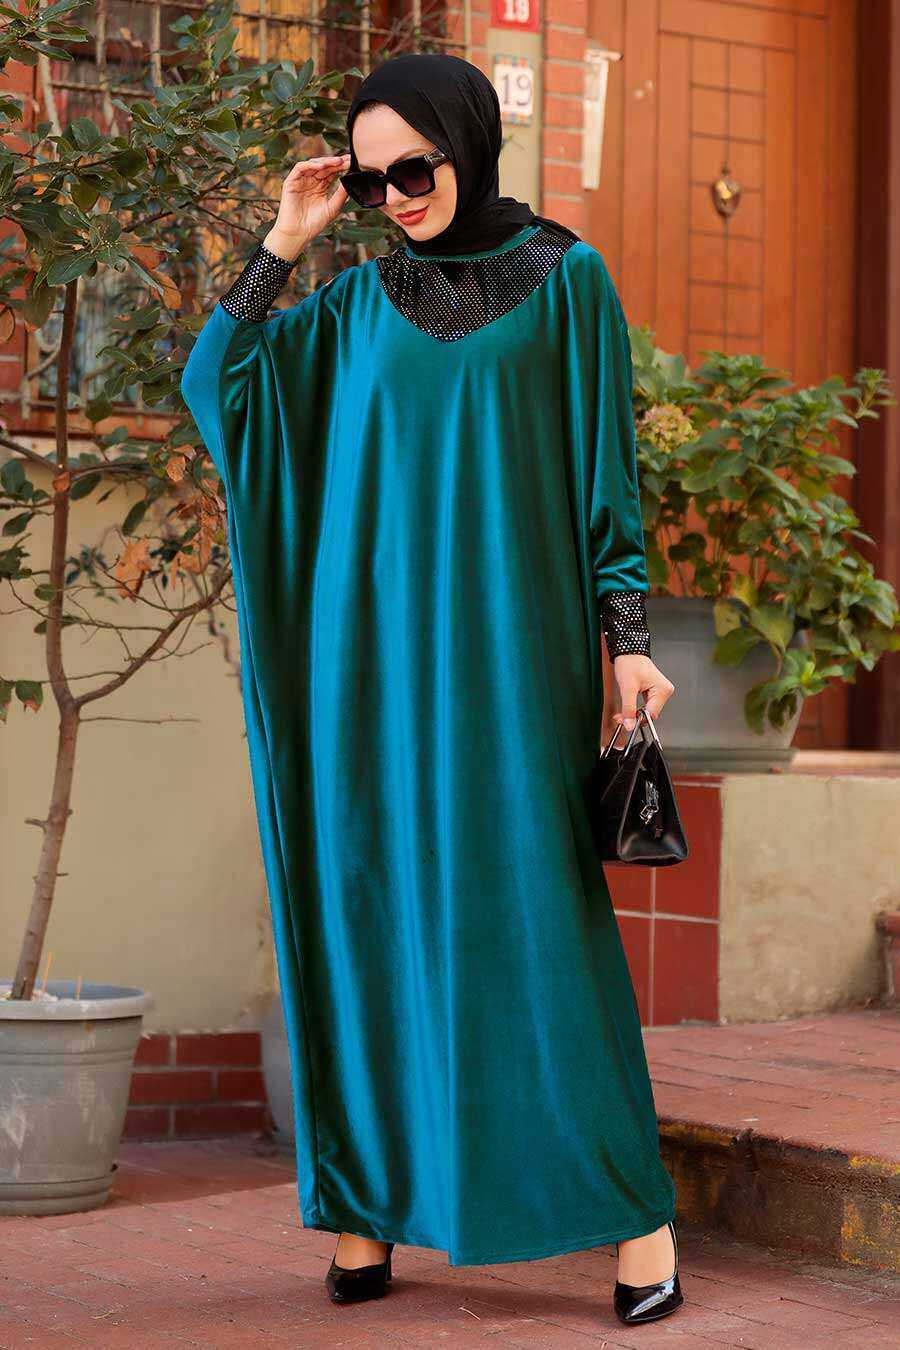 Petrol Blue Hijab Dress 10561PM